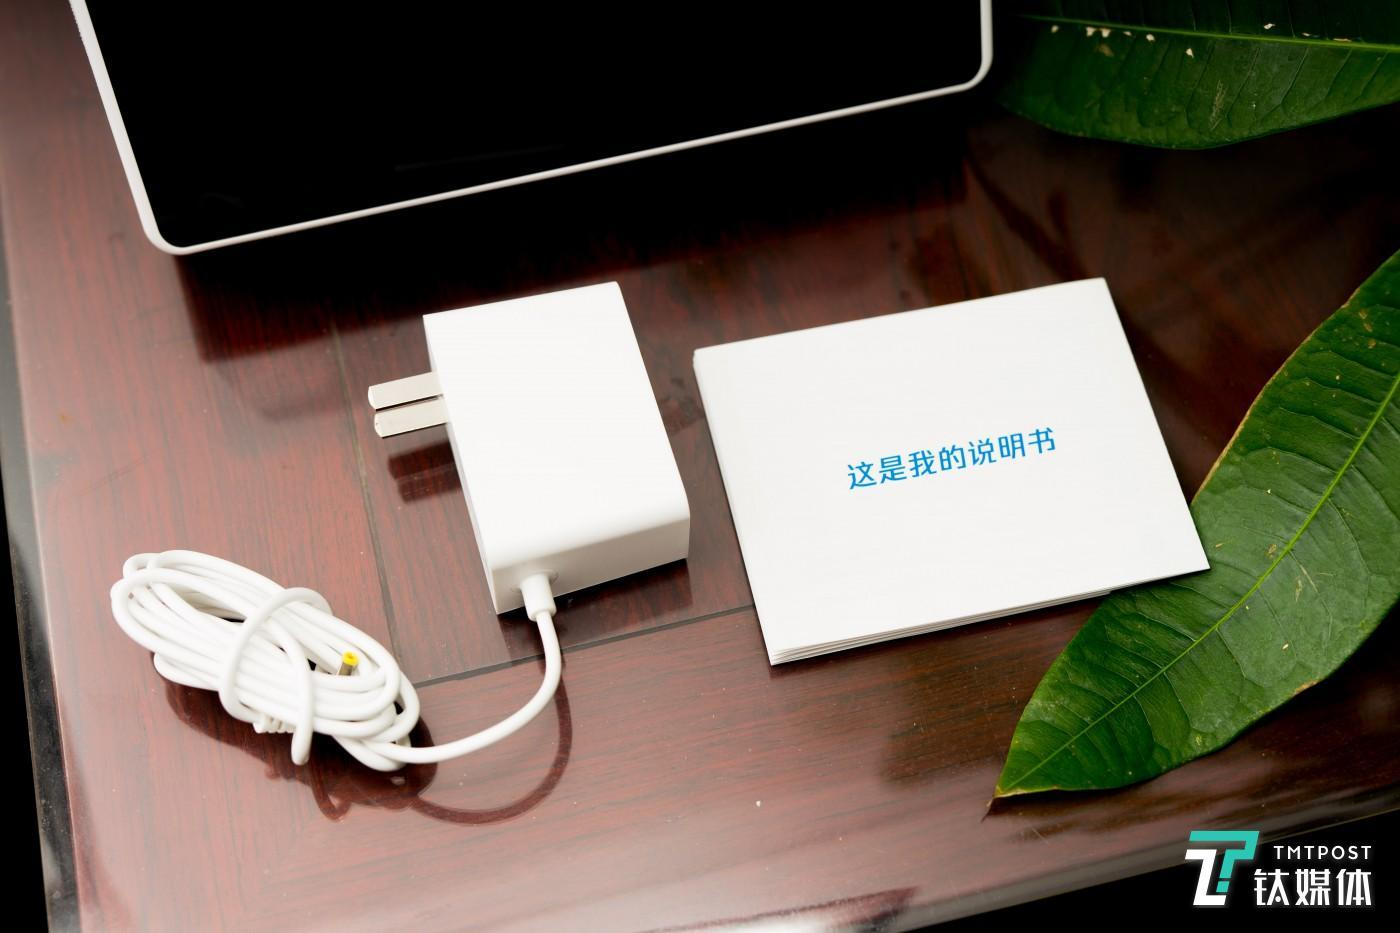 腾讯叮当 AI视听屏自带2600mAh电池,可以拔电使用